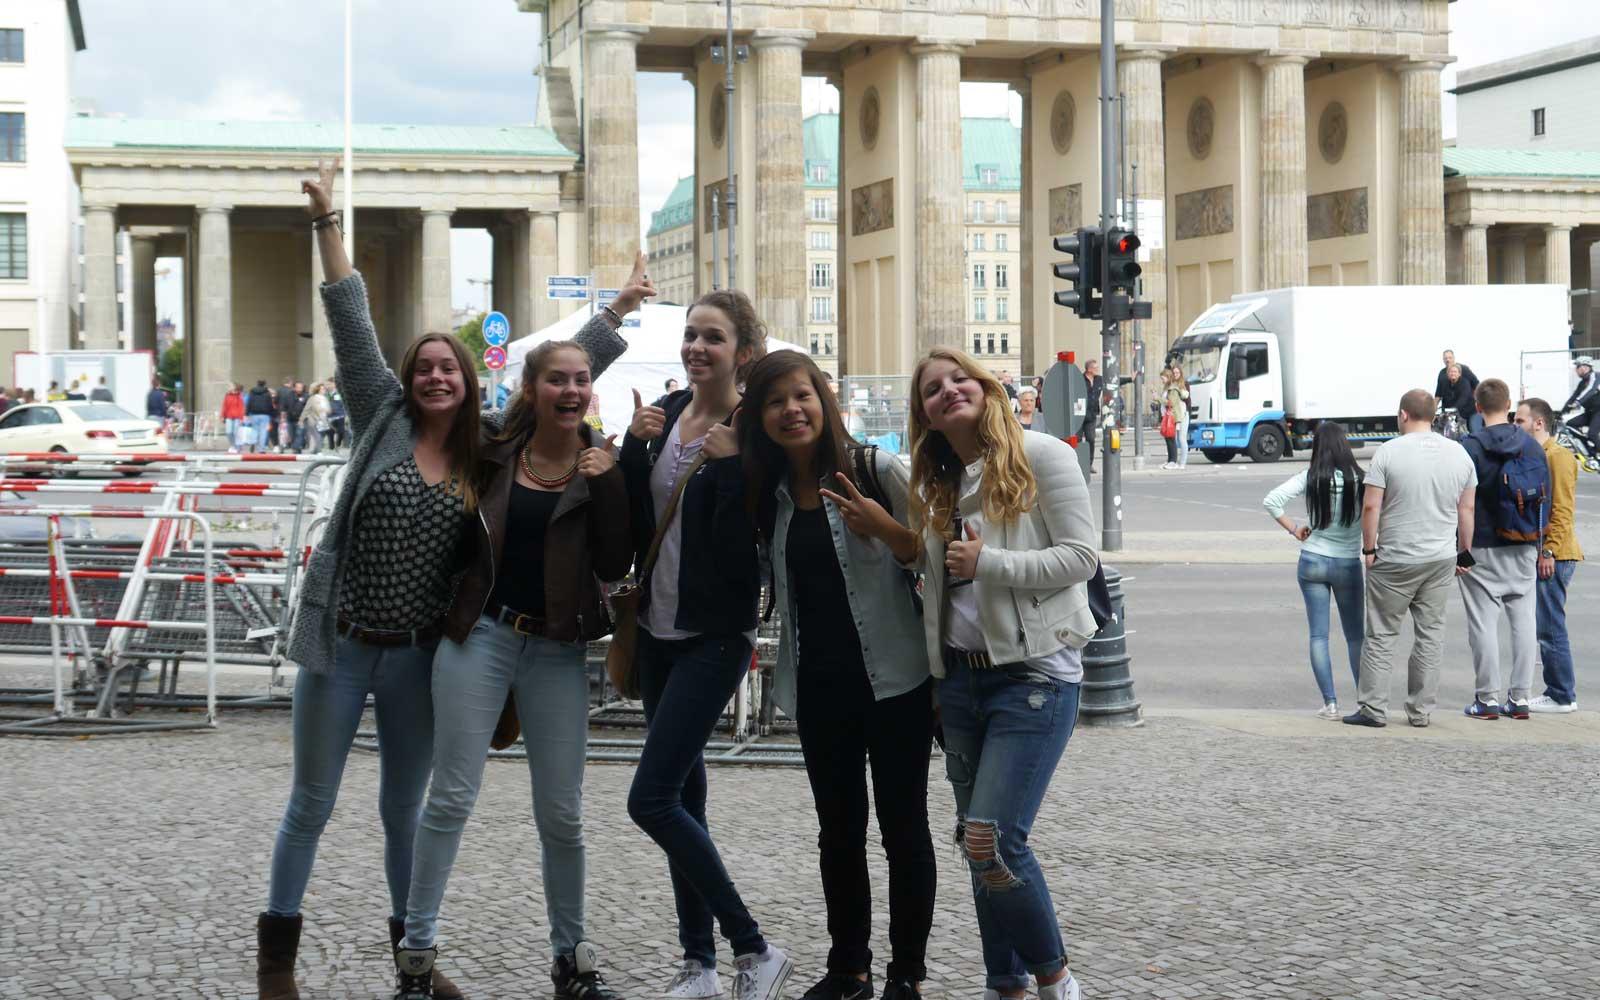 Miriam mit Freundinnen vor dem Brandenburger Tor